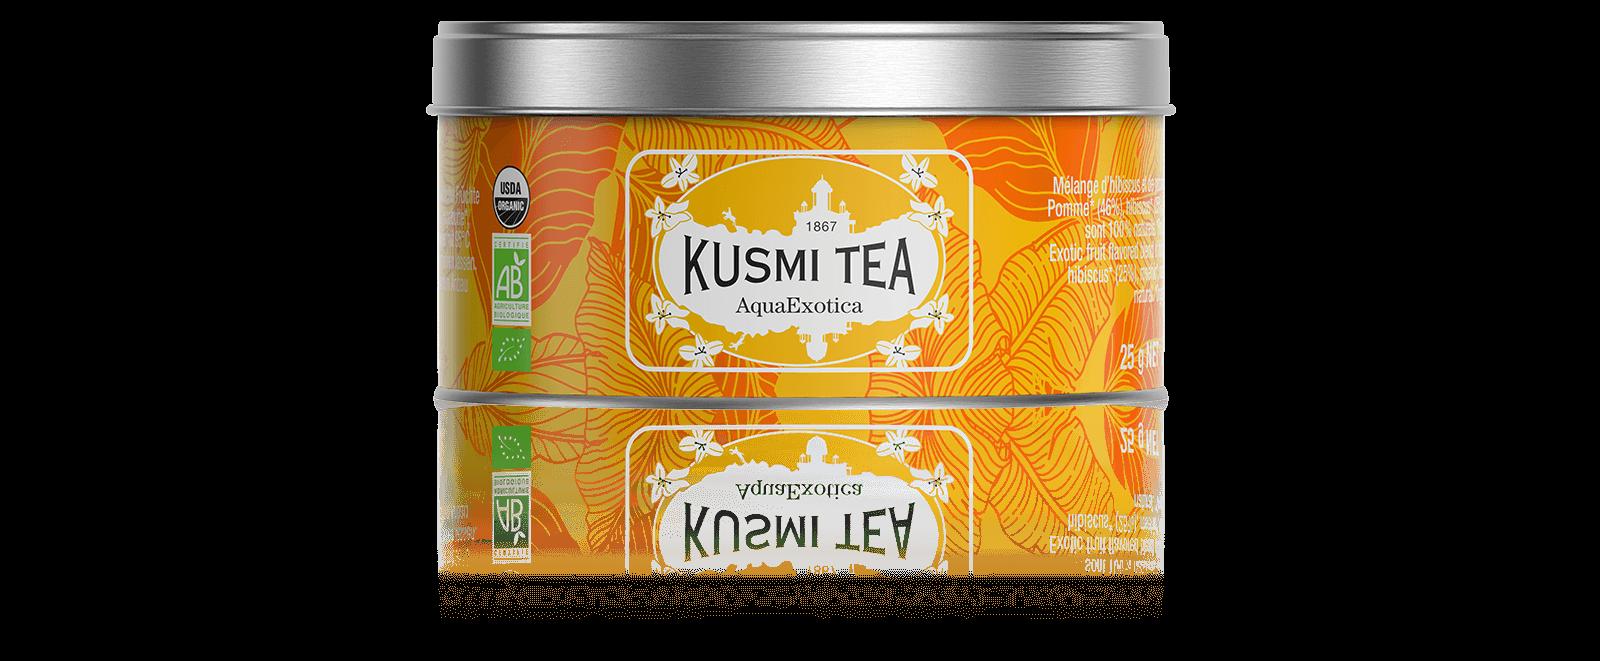 AquaExotica Infusion de fruits bio - Mélange d'hibiscus et de pomme saveur fruits exotiques - Boite à thé en vrac - Kusmi Tea